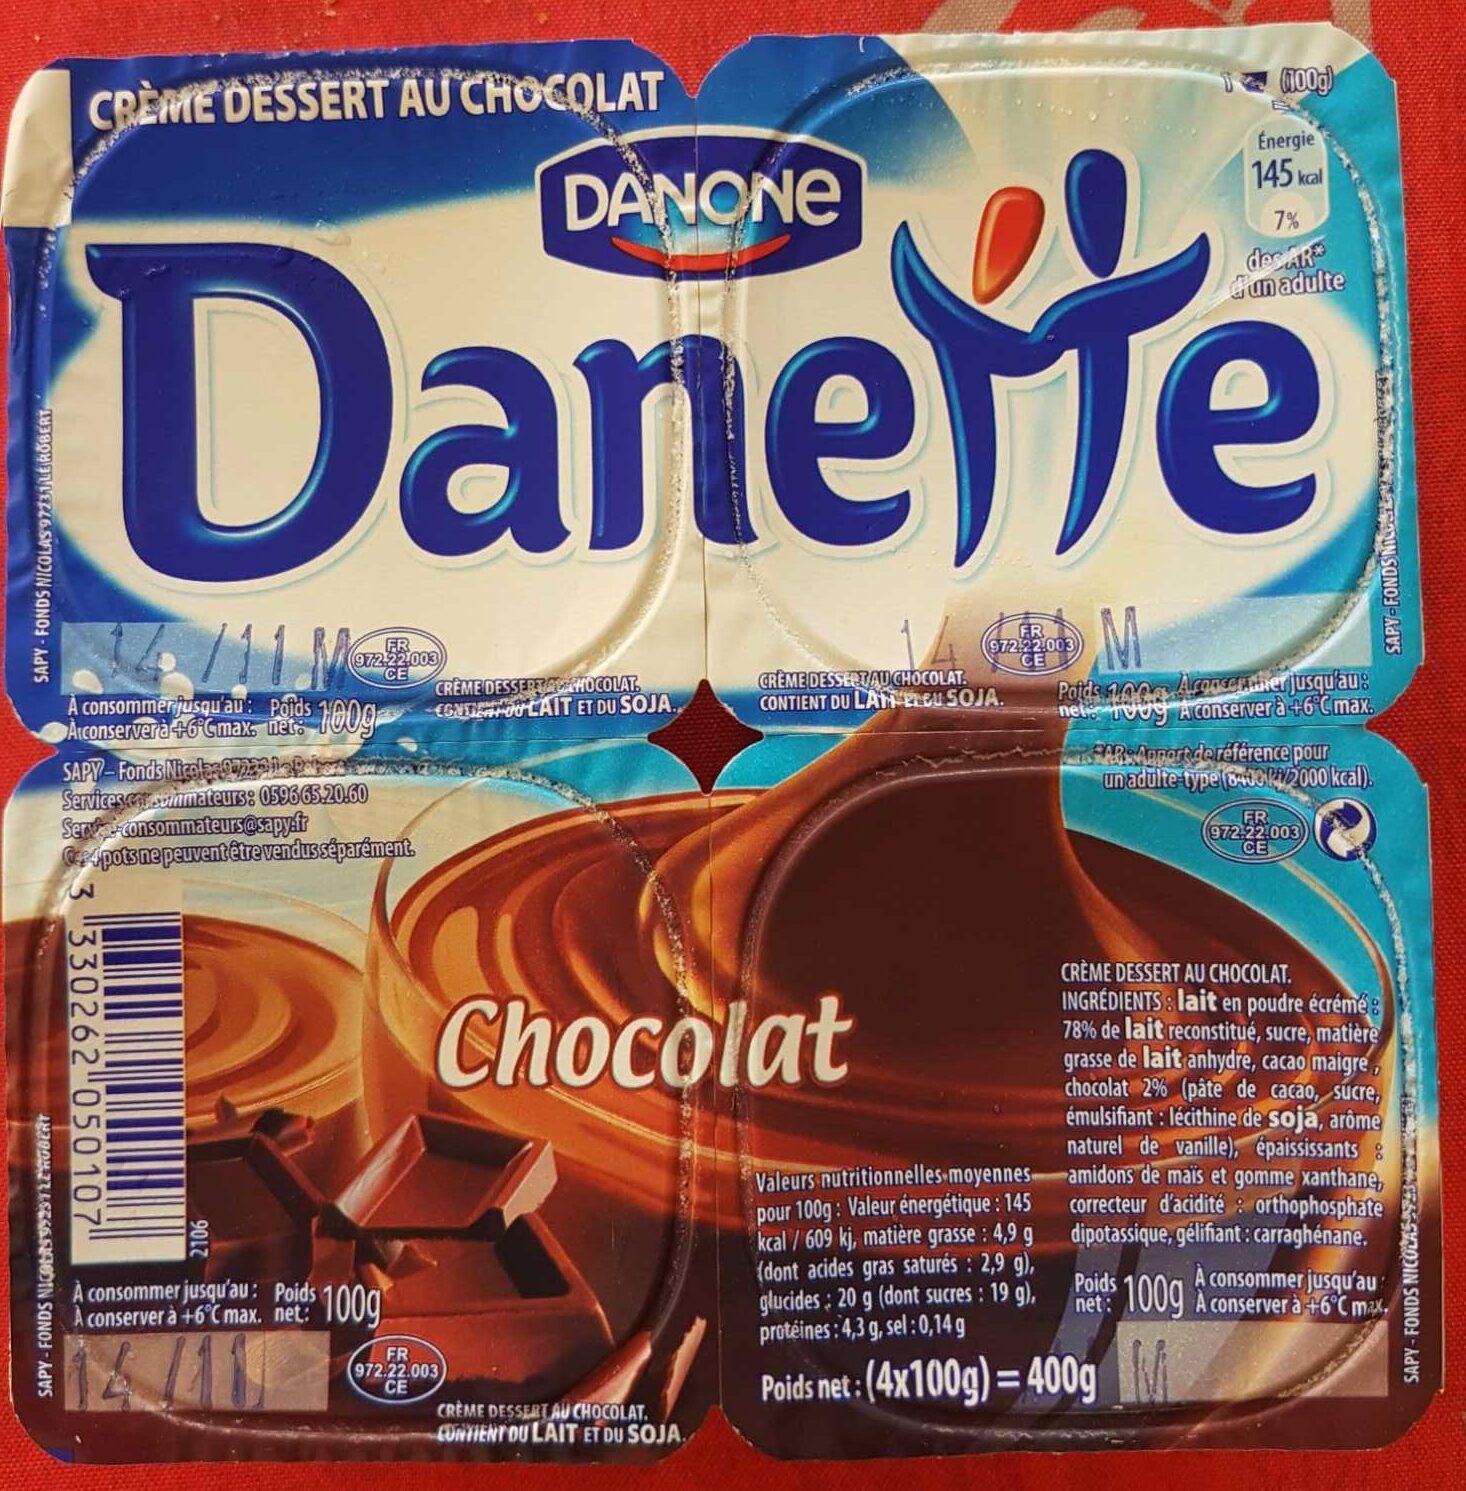 Danette chocolat - Produit - fr